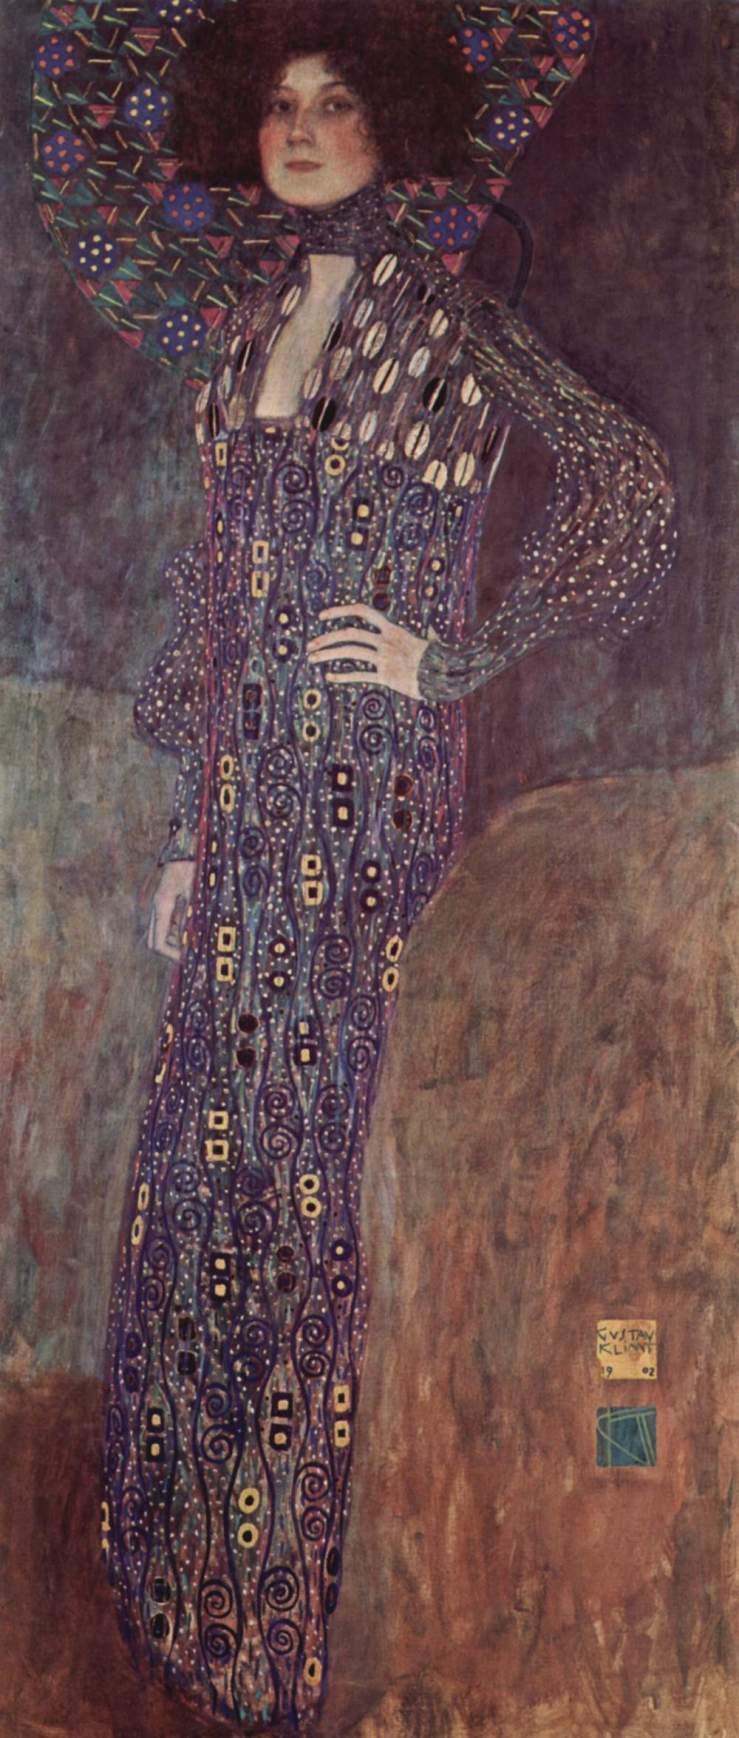 Gustav_Klimt_049